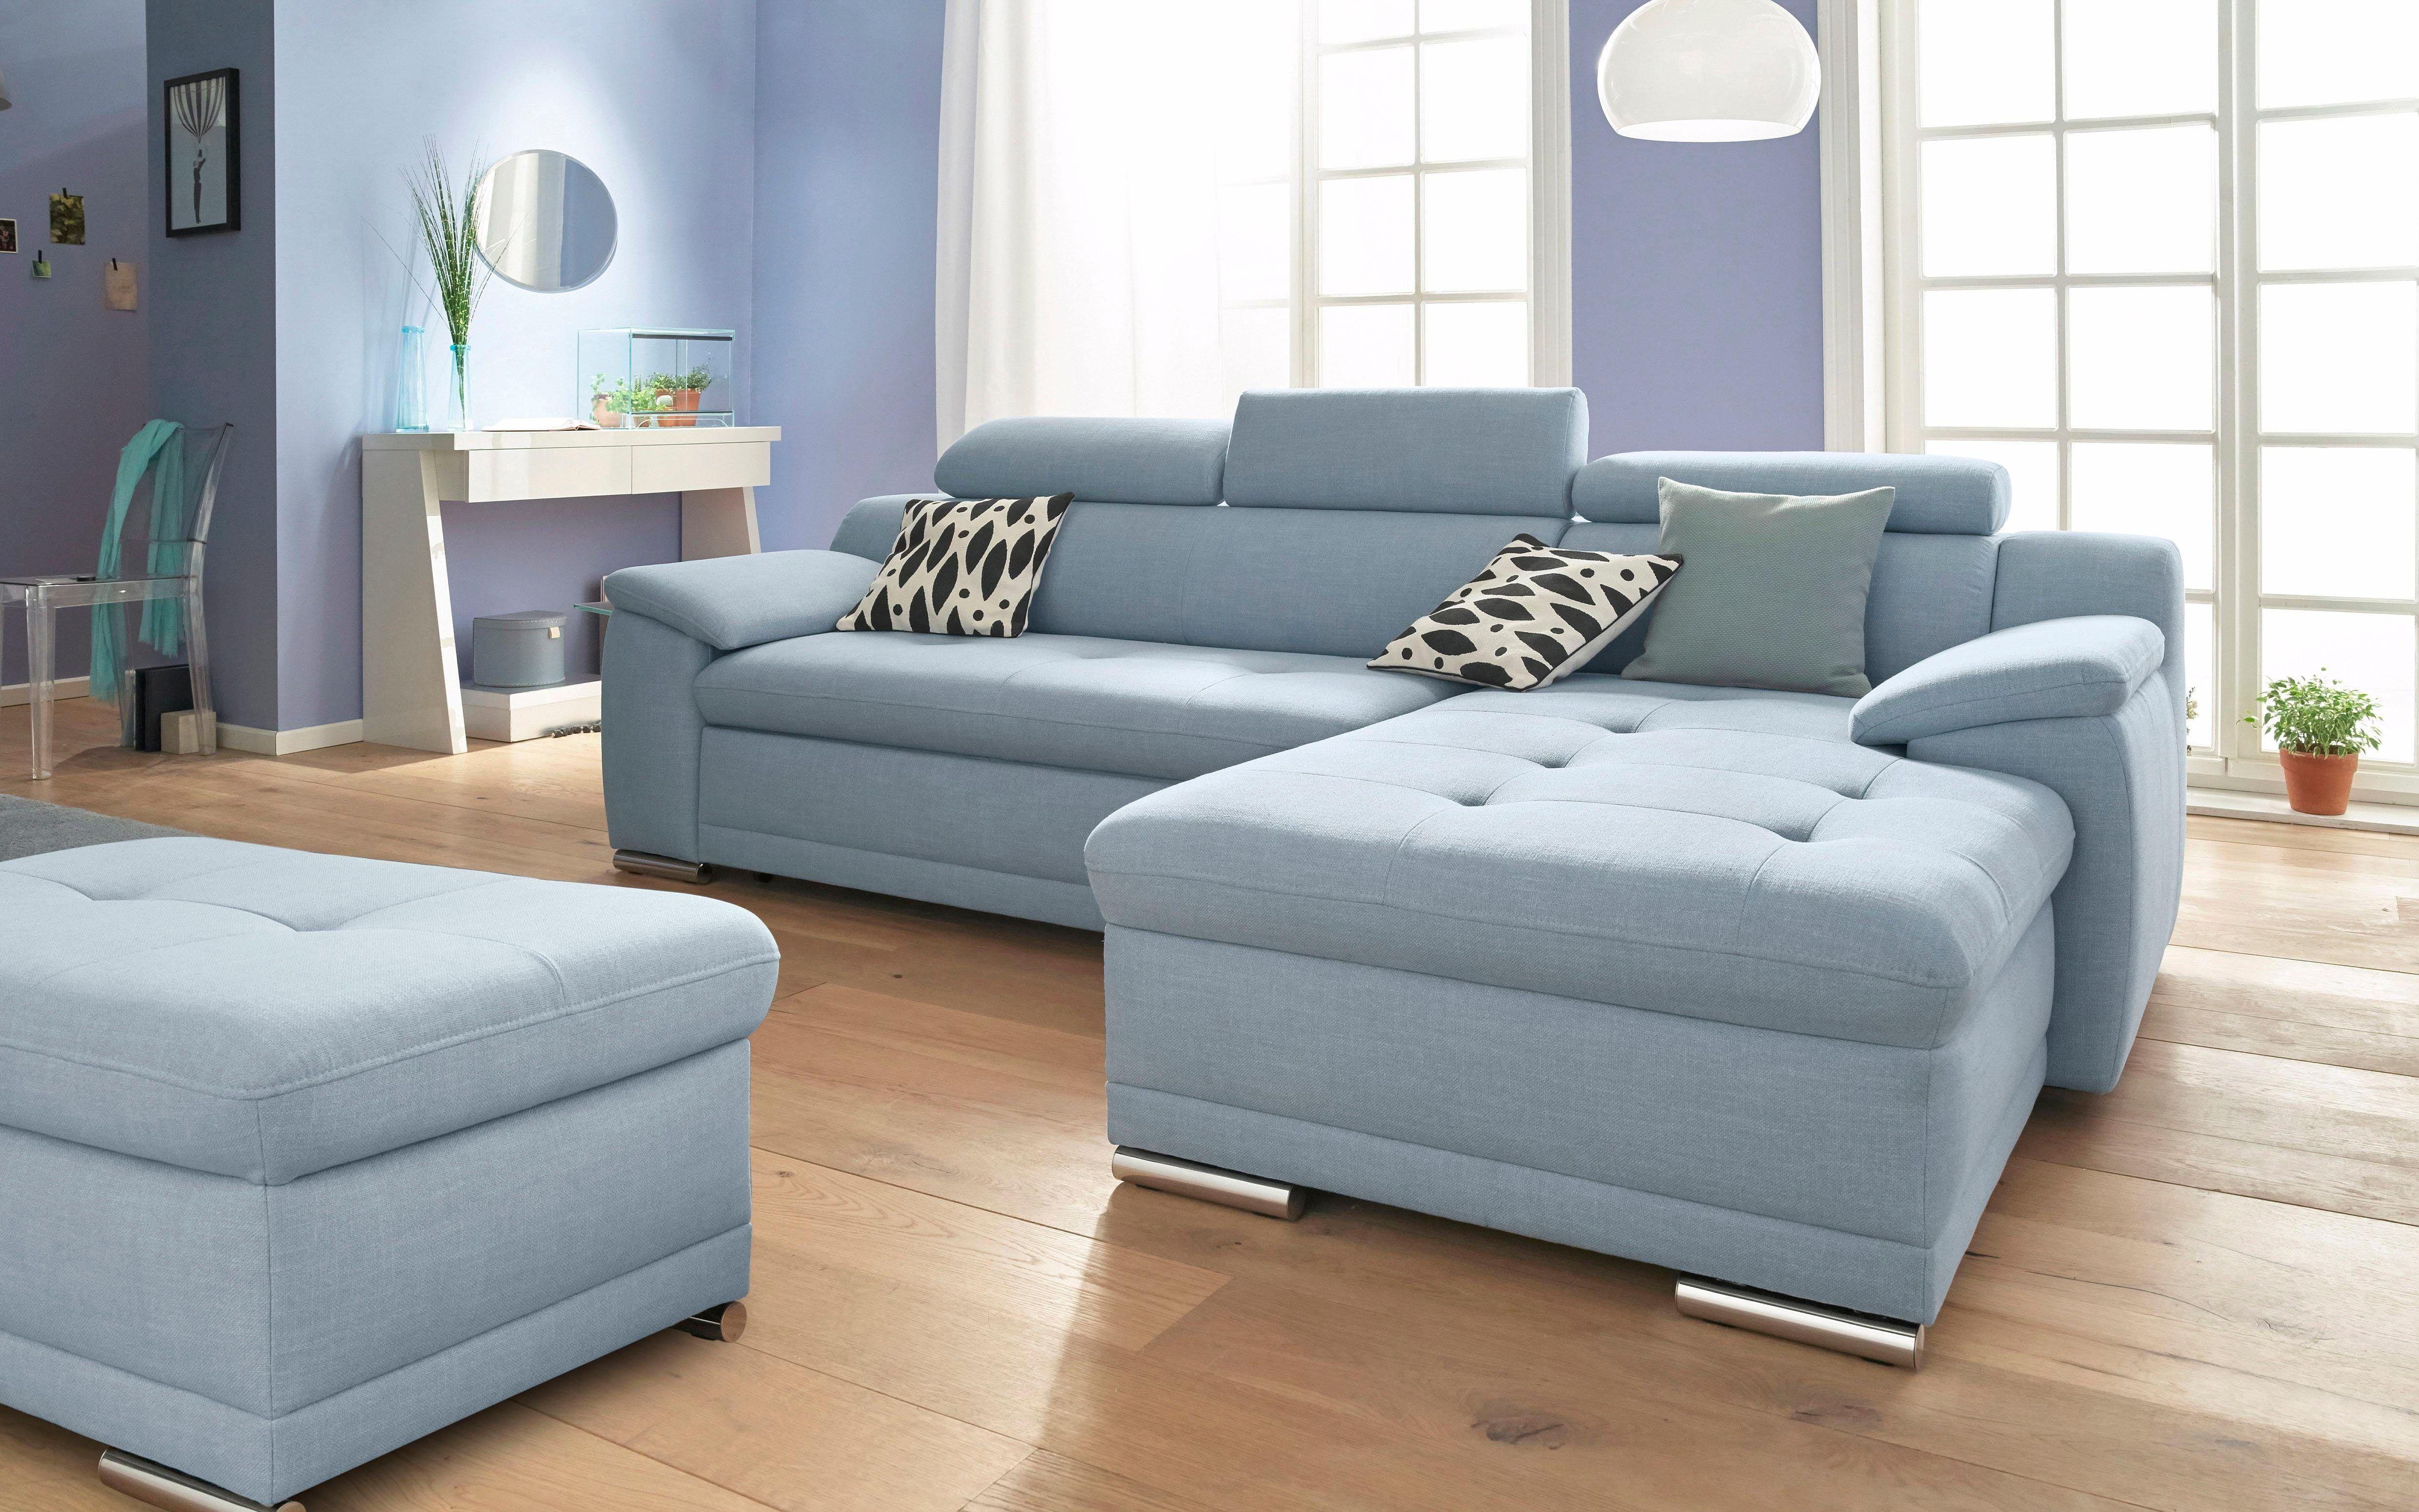 Top Ergebnis 50 Inspirierend sofa Mit Recamiere Bilder 2018 Hht5